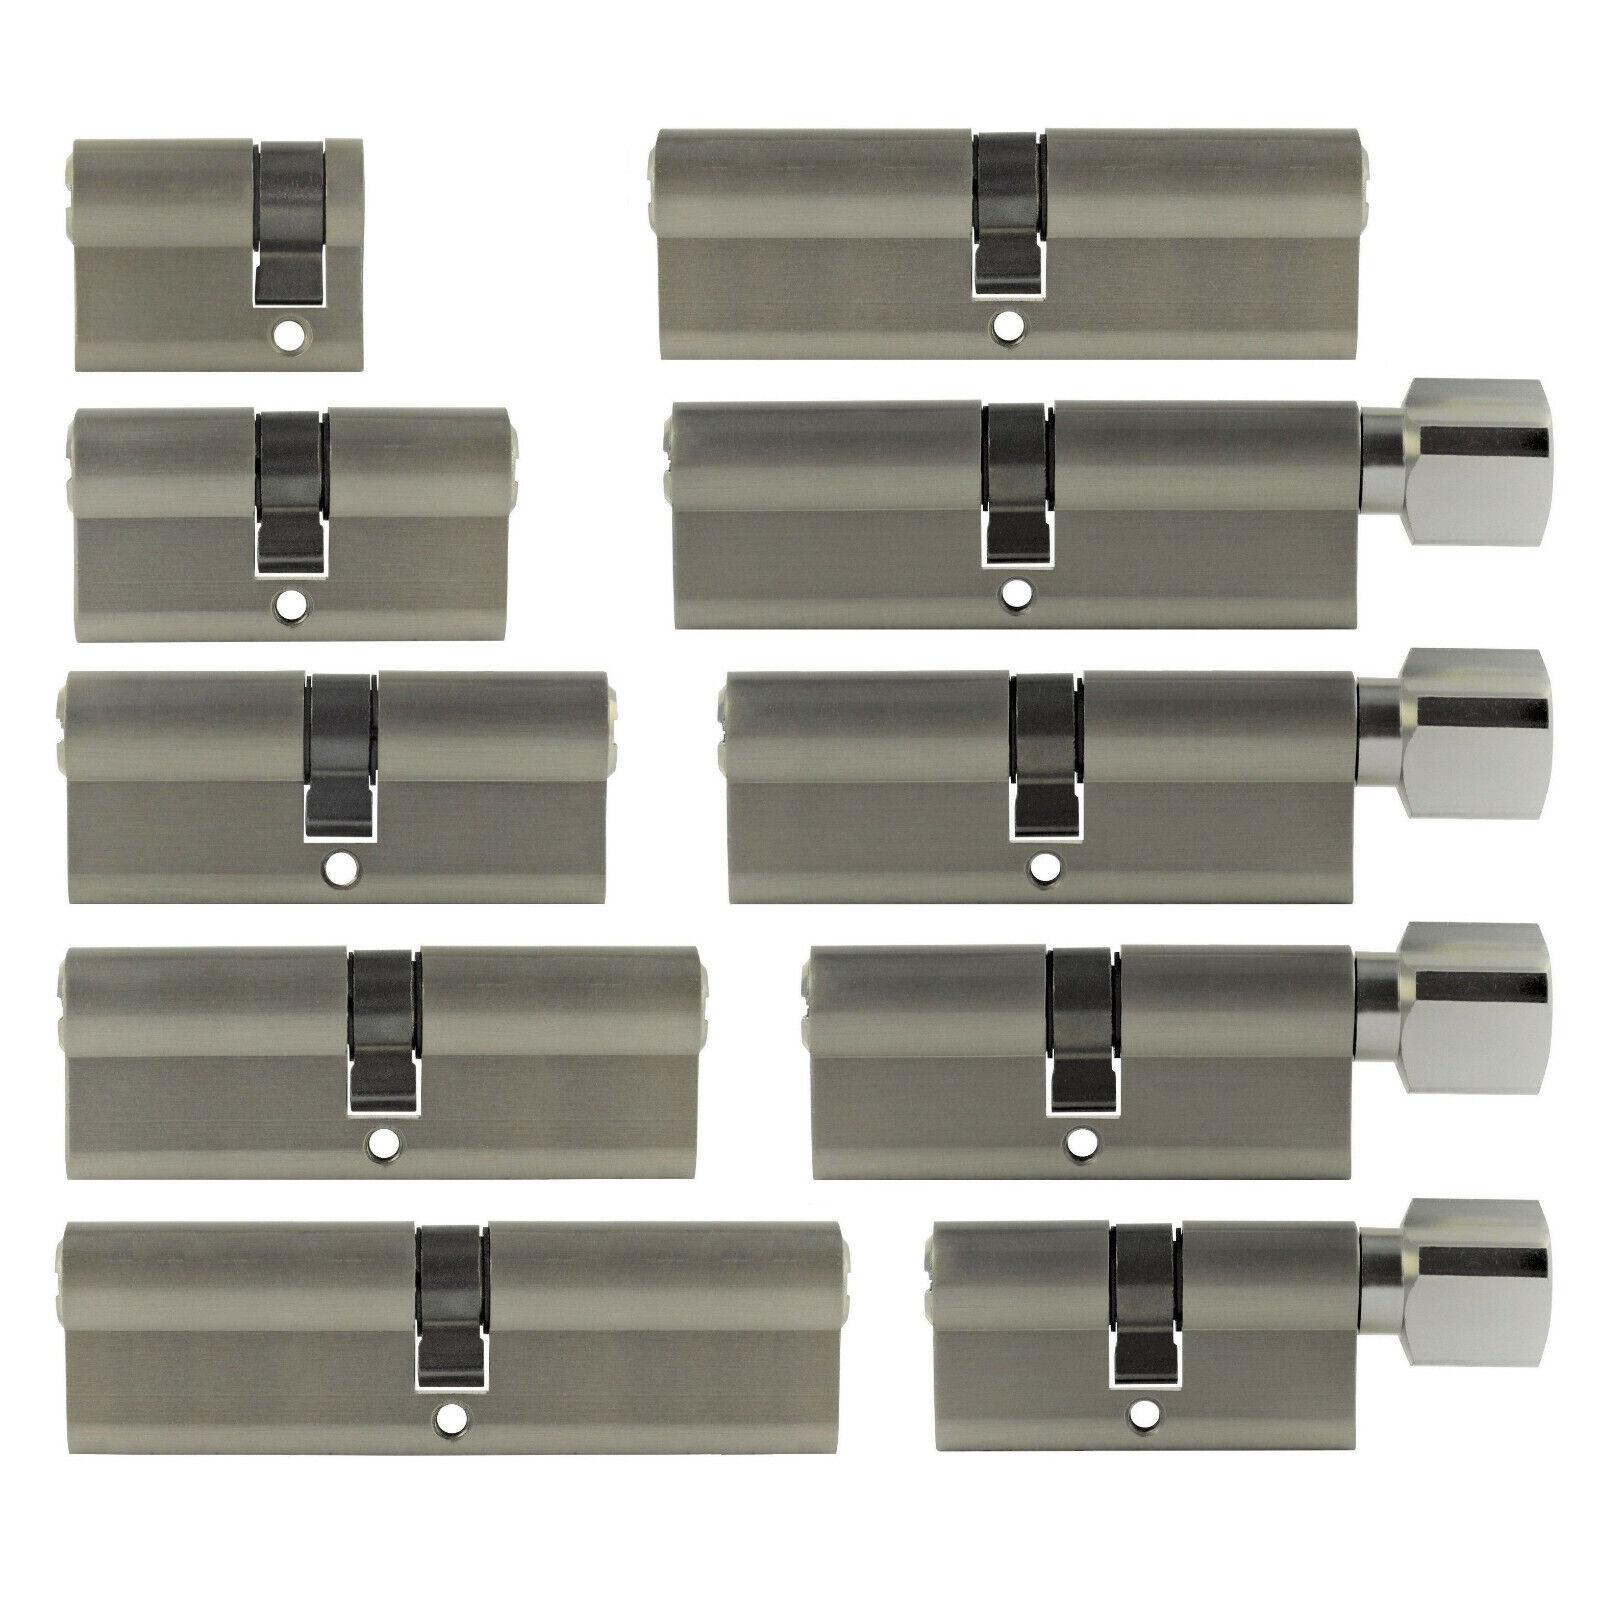 4x Zylinder Abus EC550 Schließanlage Wendeschlüssel Gleichschließend N G